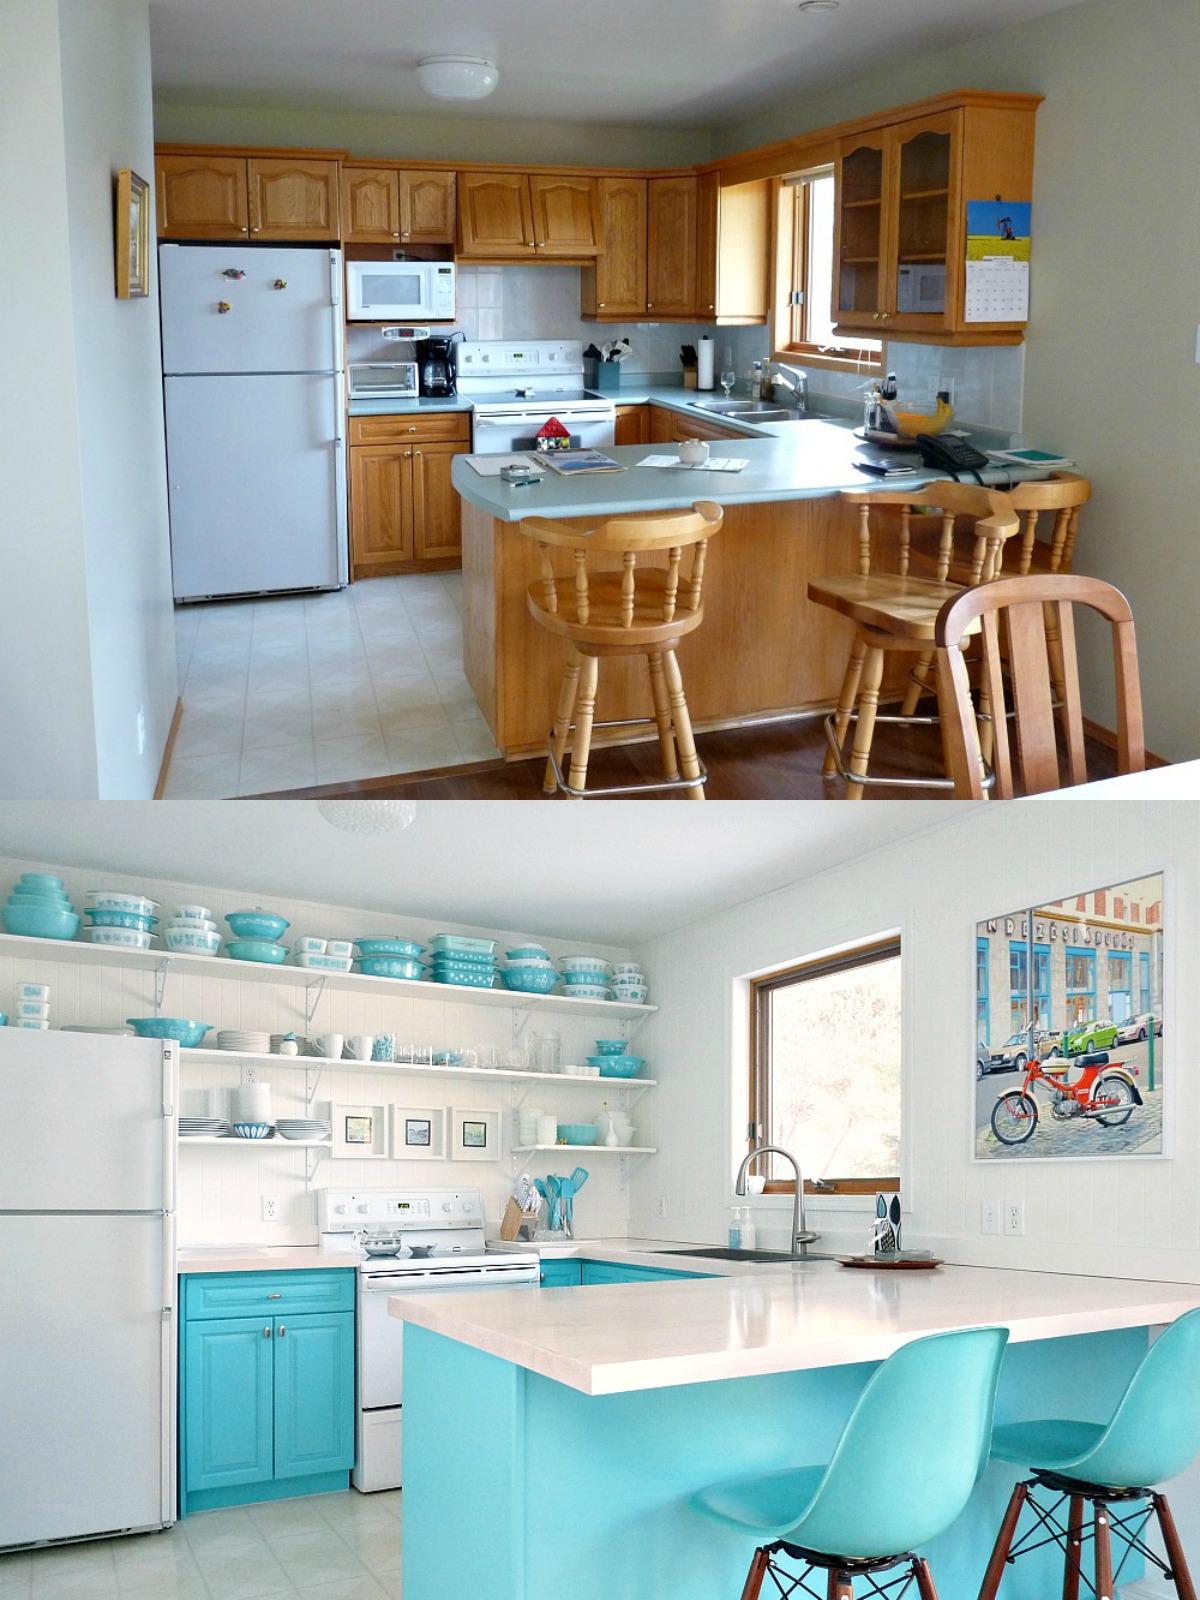 cabinet refinishing paint vs stain vs redoing kitchen cabinets How to Paint Kitchen Cabinets